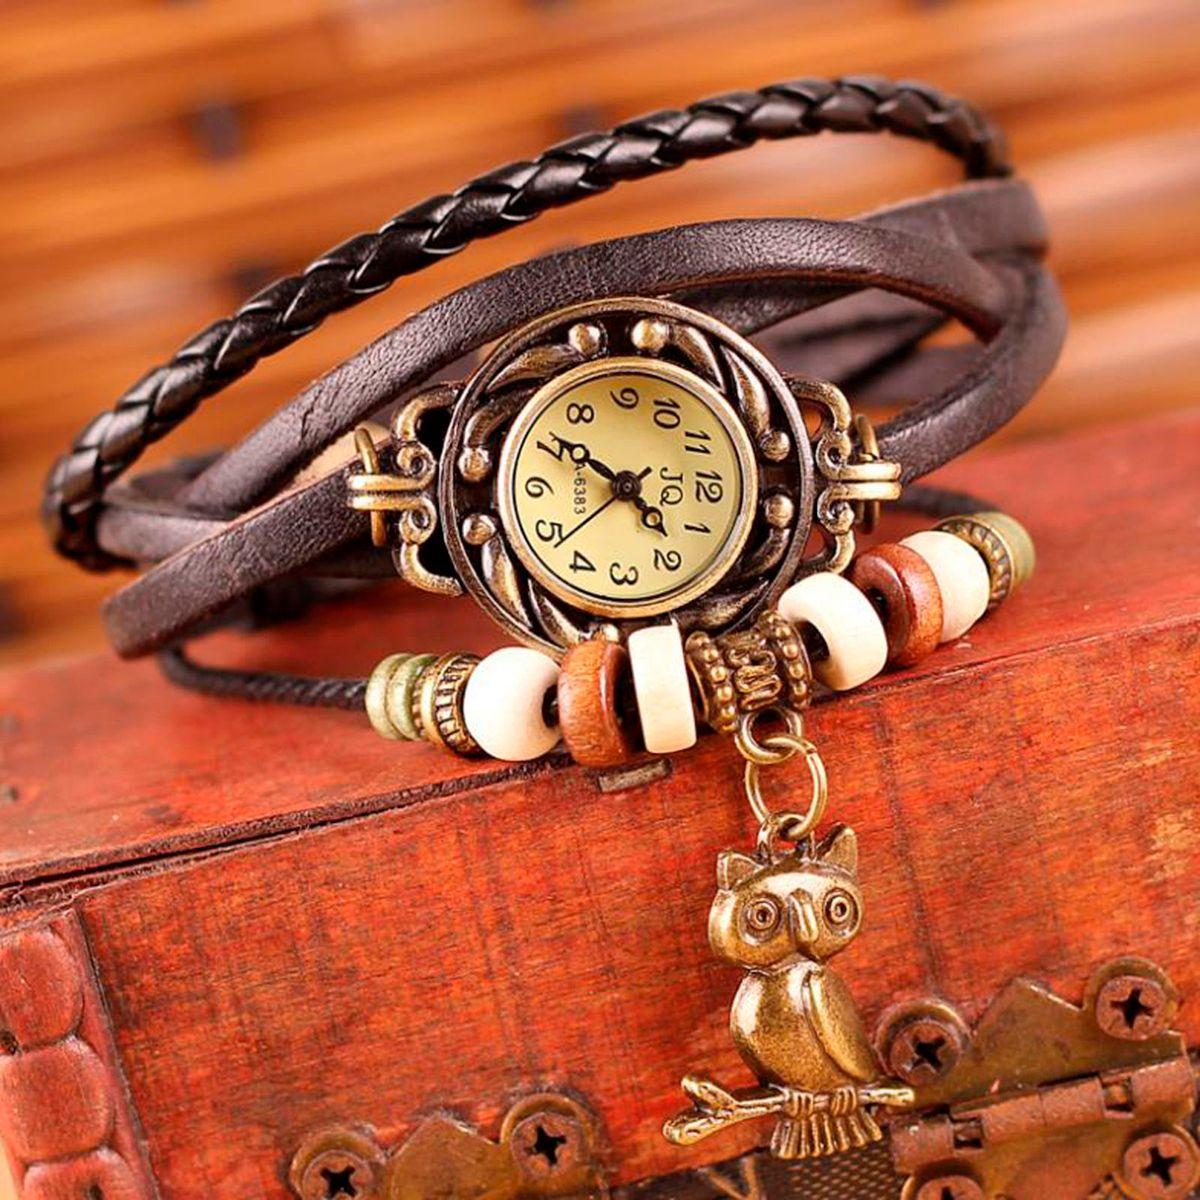 a5b0287d1fe Relógio Pulseira de Couro Pingente de Coruja Modelo Rústico ...